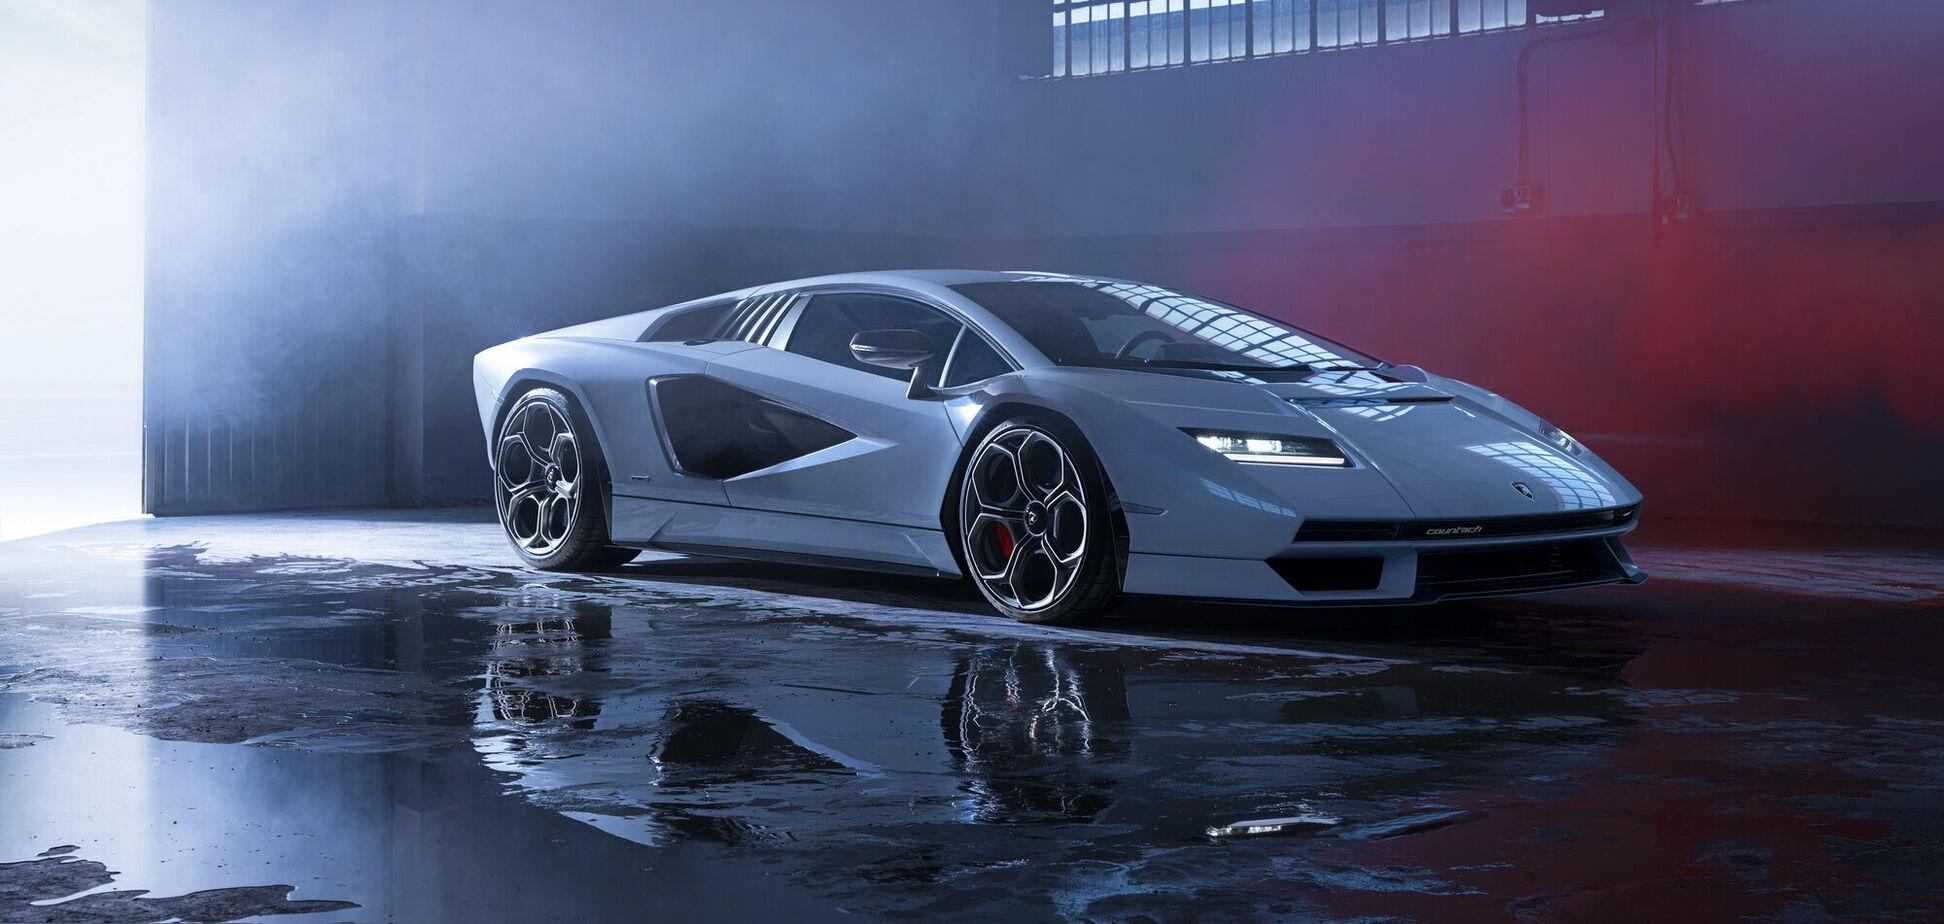 Lamborghini відродила культову модель Countach. Відео